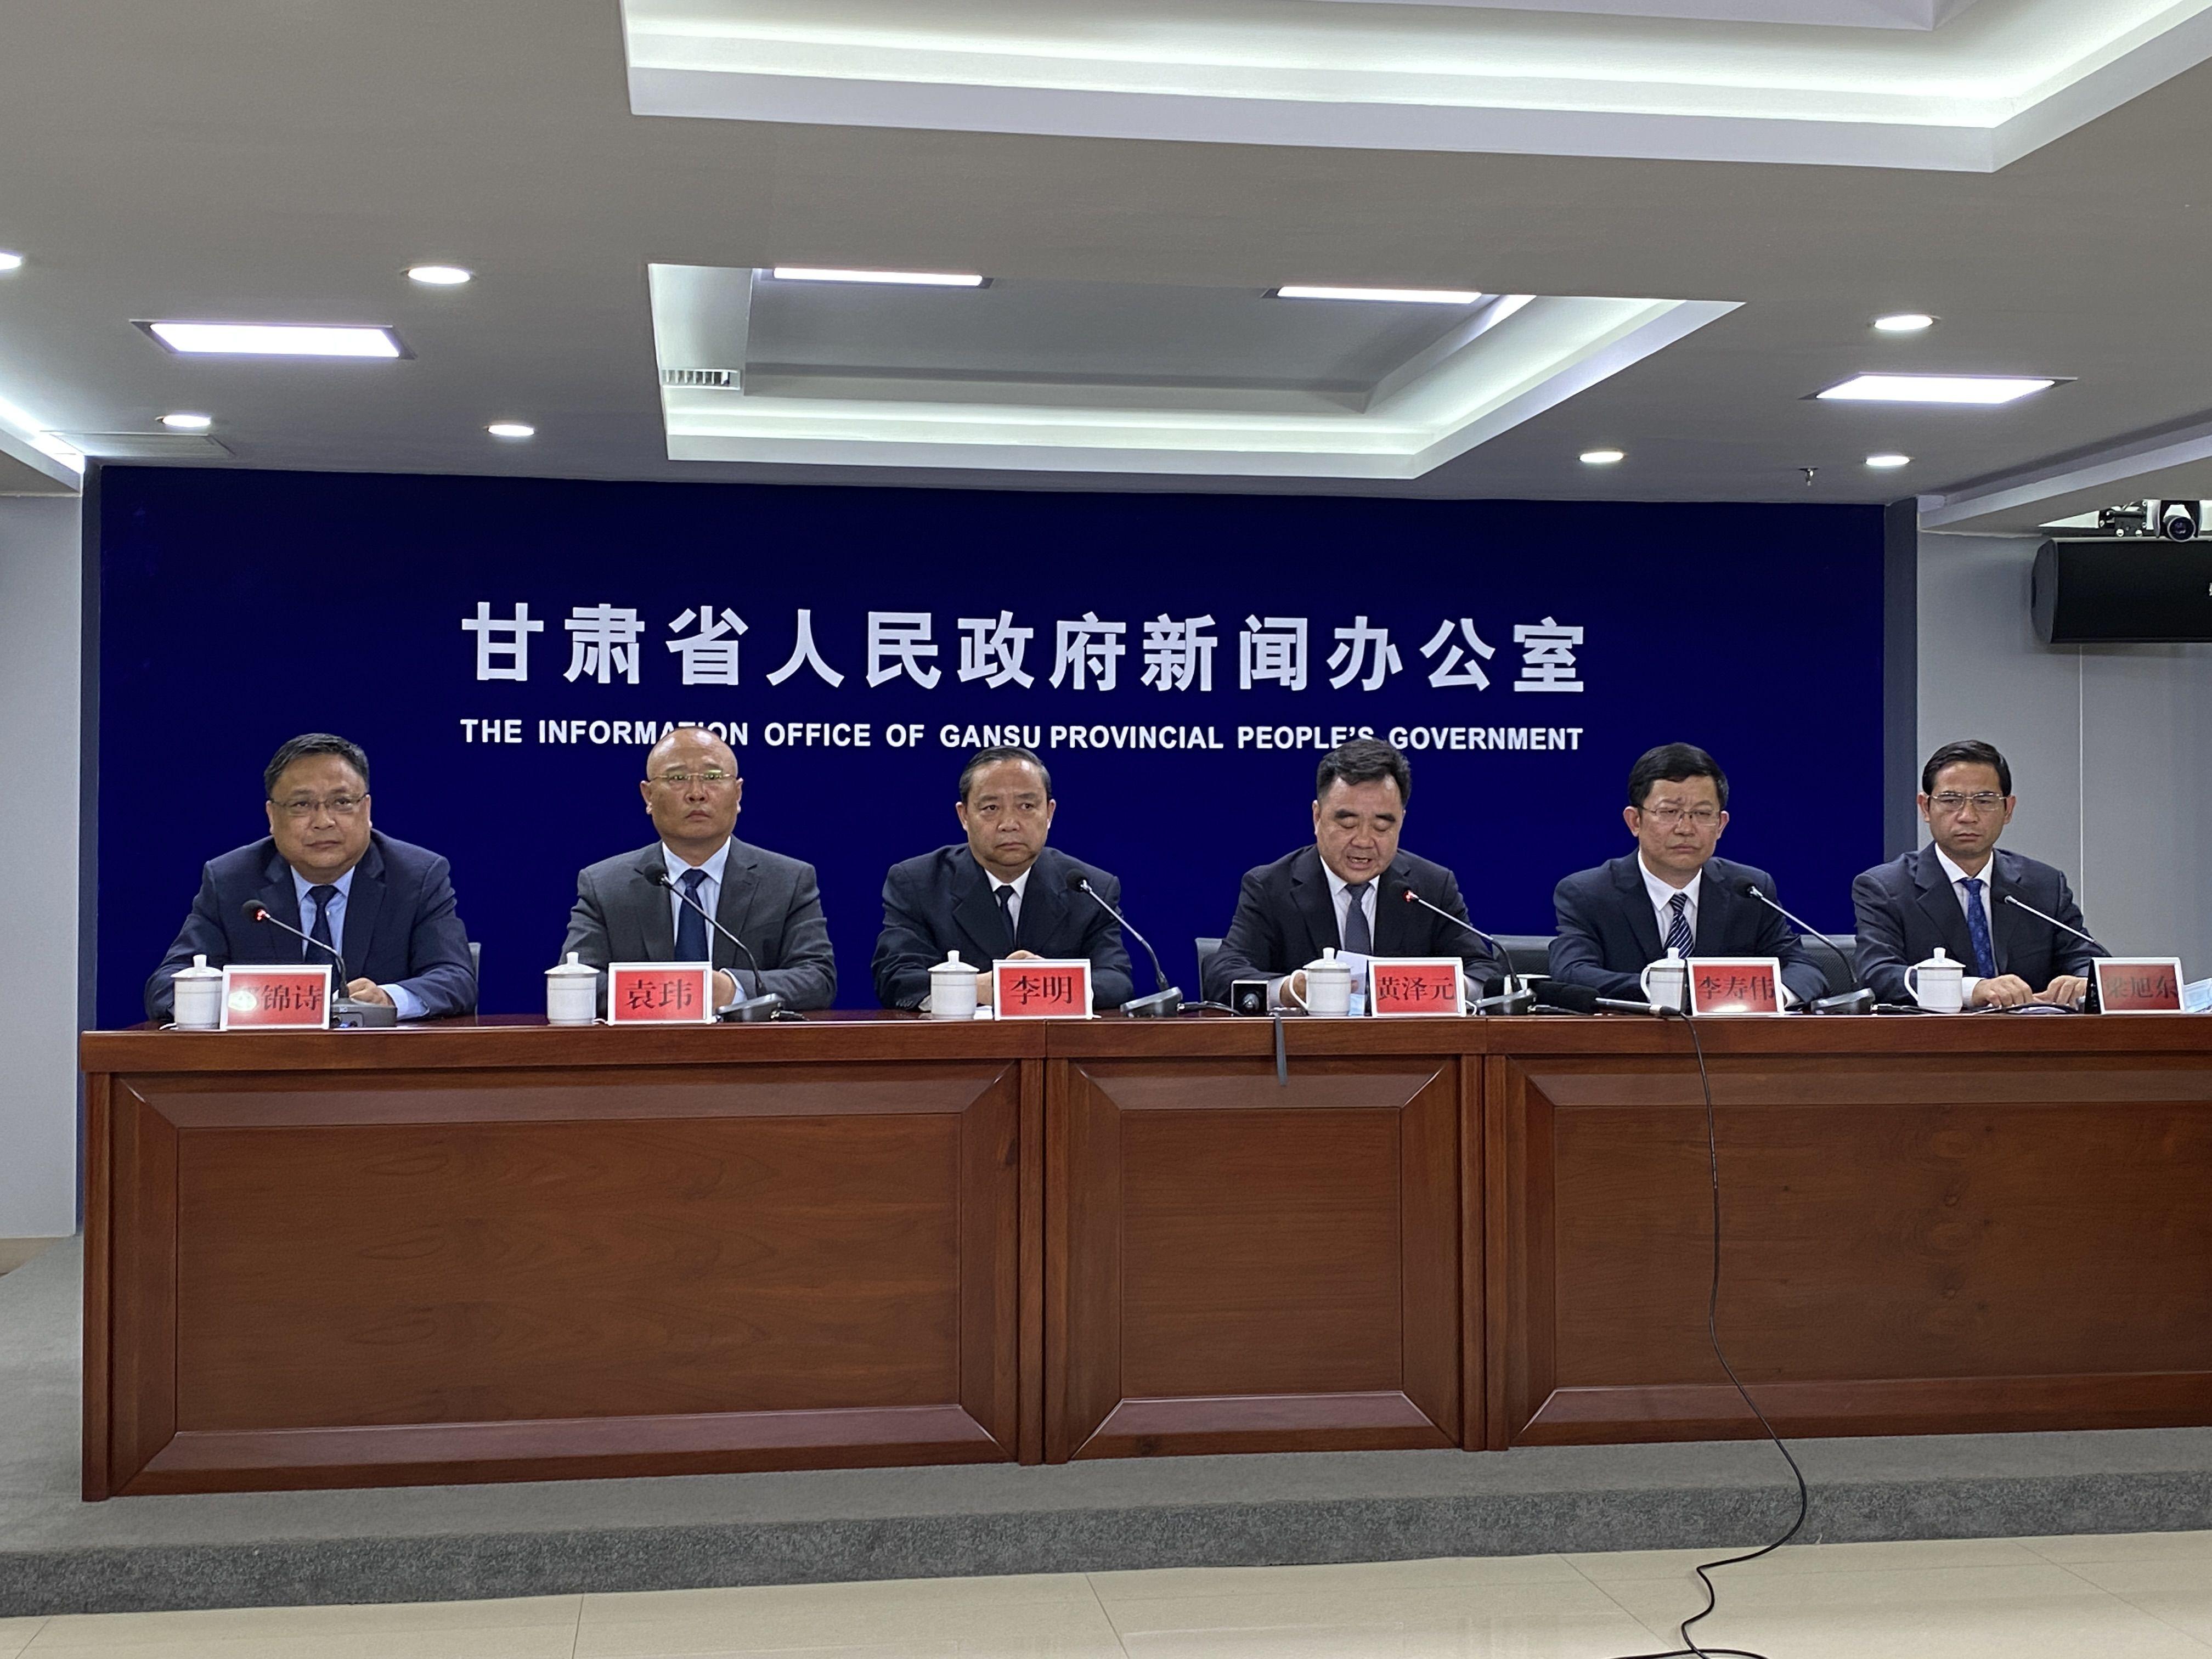 甘肃省政府新闻办发布会现场。(新京报记者马骏 摄)